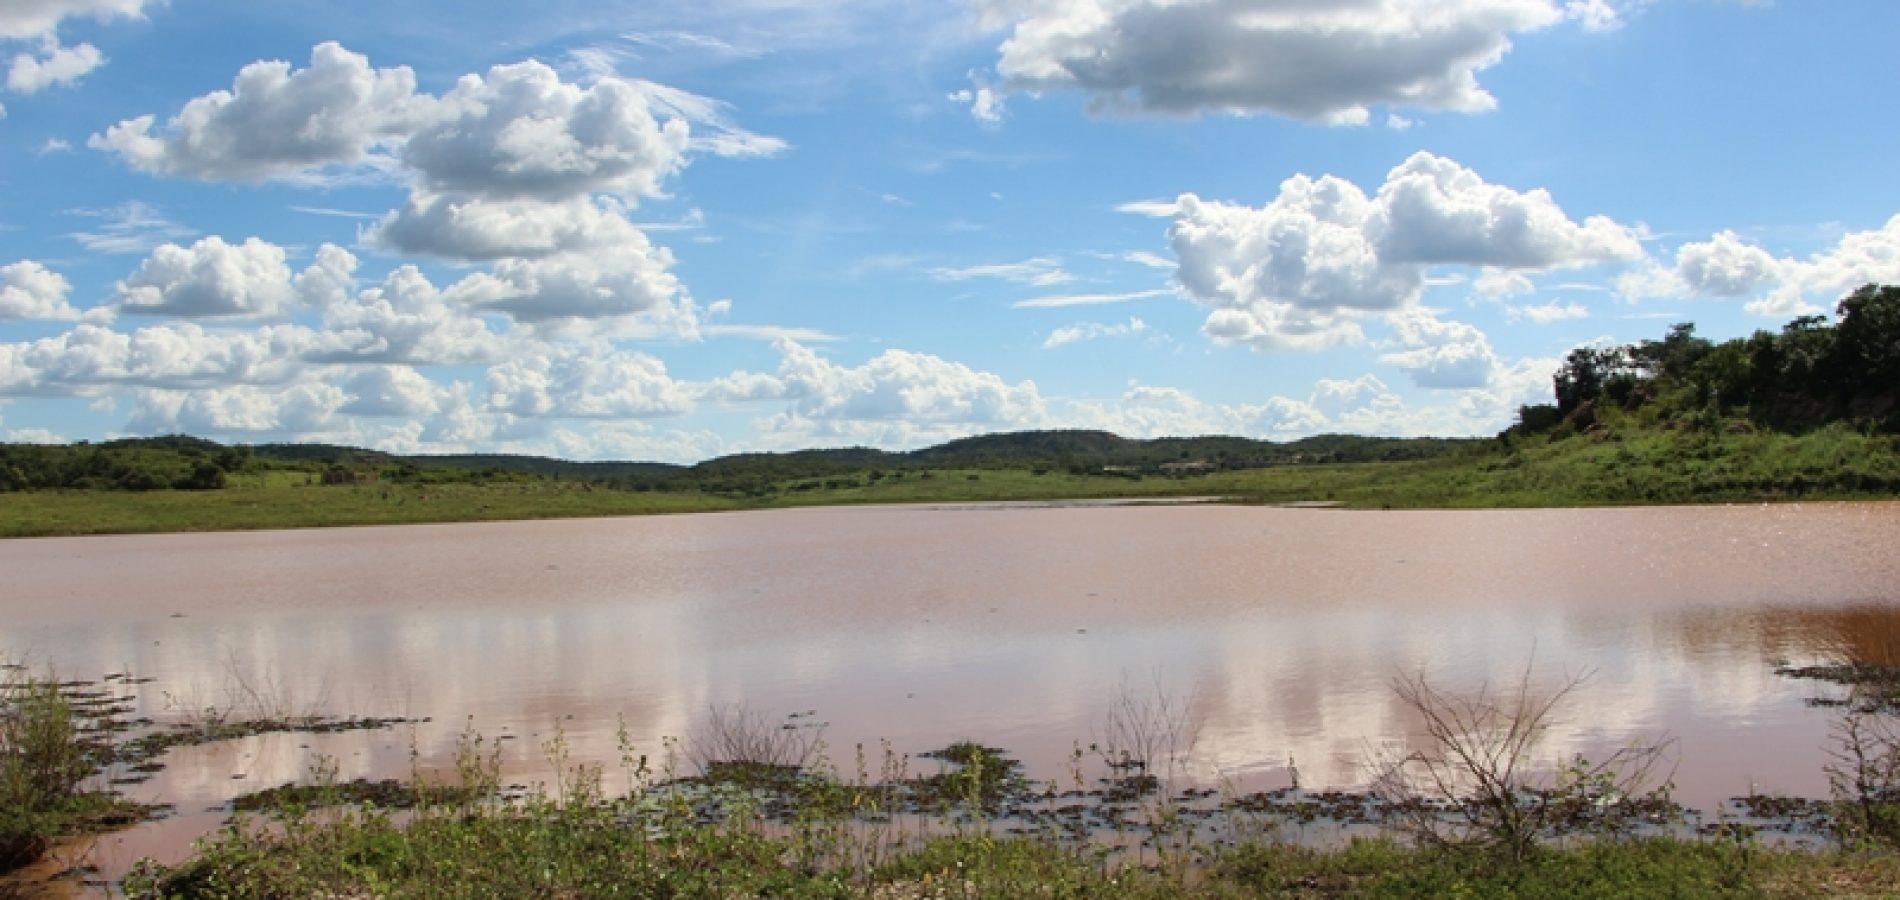 Ministério Público vai fiscalizar o abastecimento de água em Jaicós